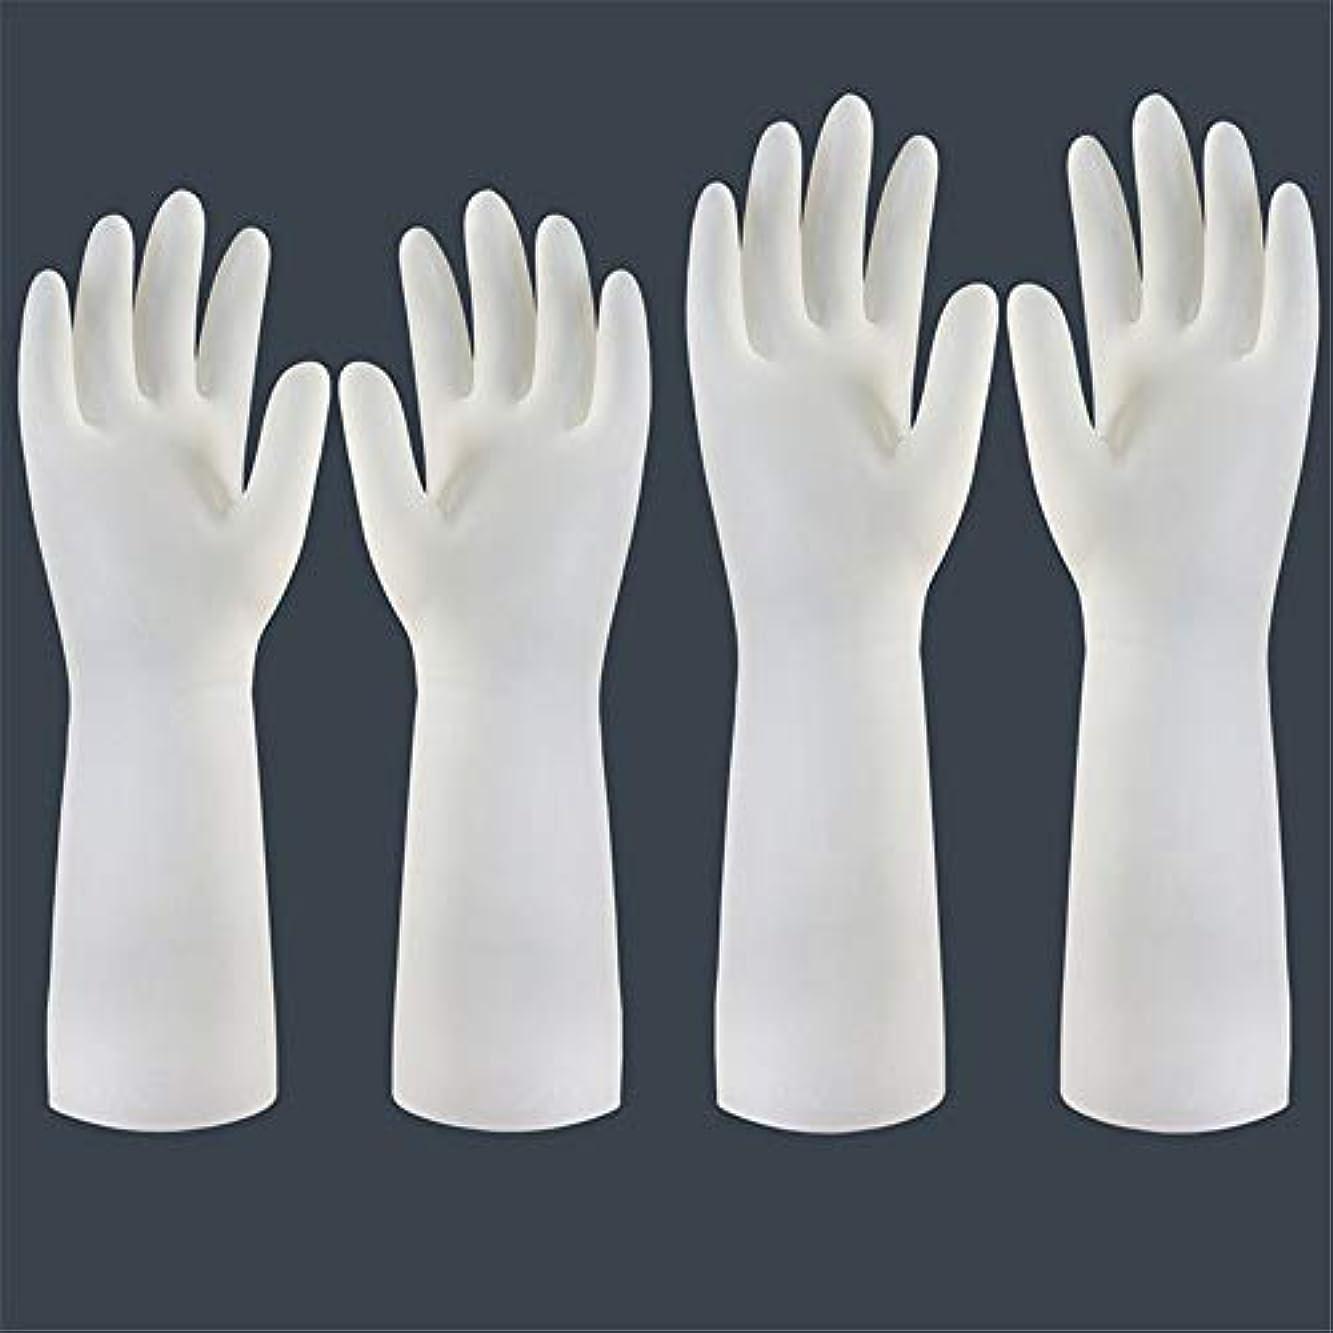 無臭通信する帰するニトリルゴム手袋 使い捨て手袋の防水および耐久のゴム製台所手袋、小/中/大 使い捨て手袋 (Color : Short+long, Size : M)